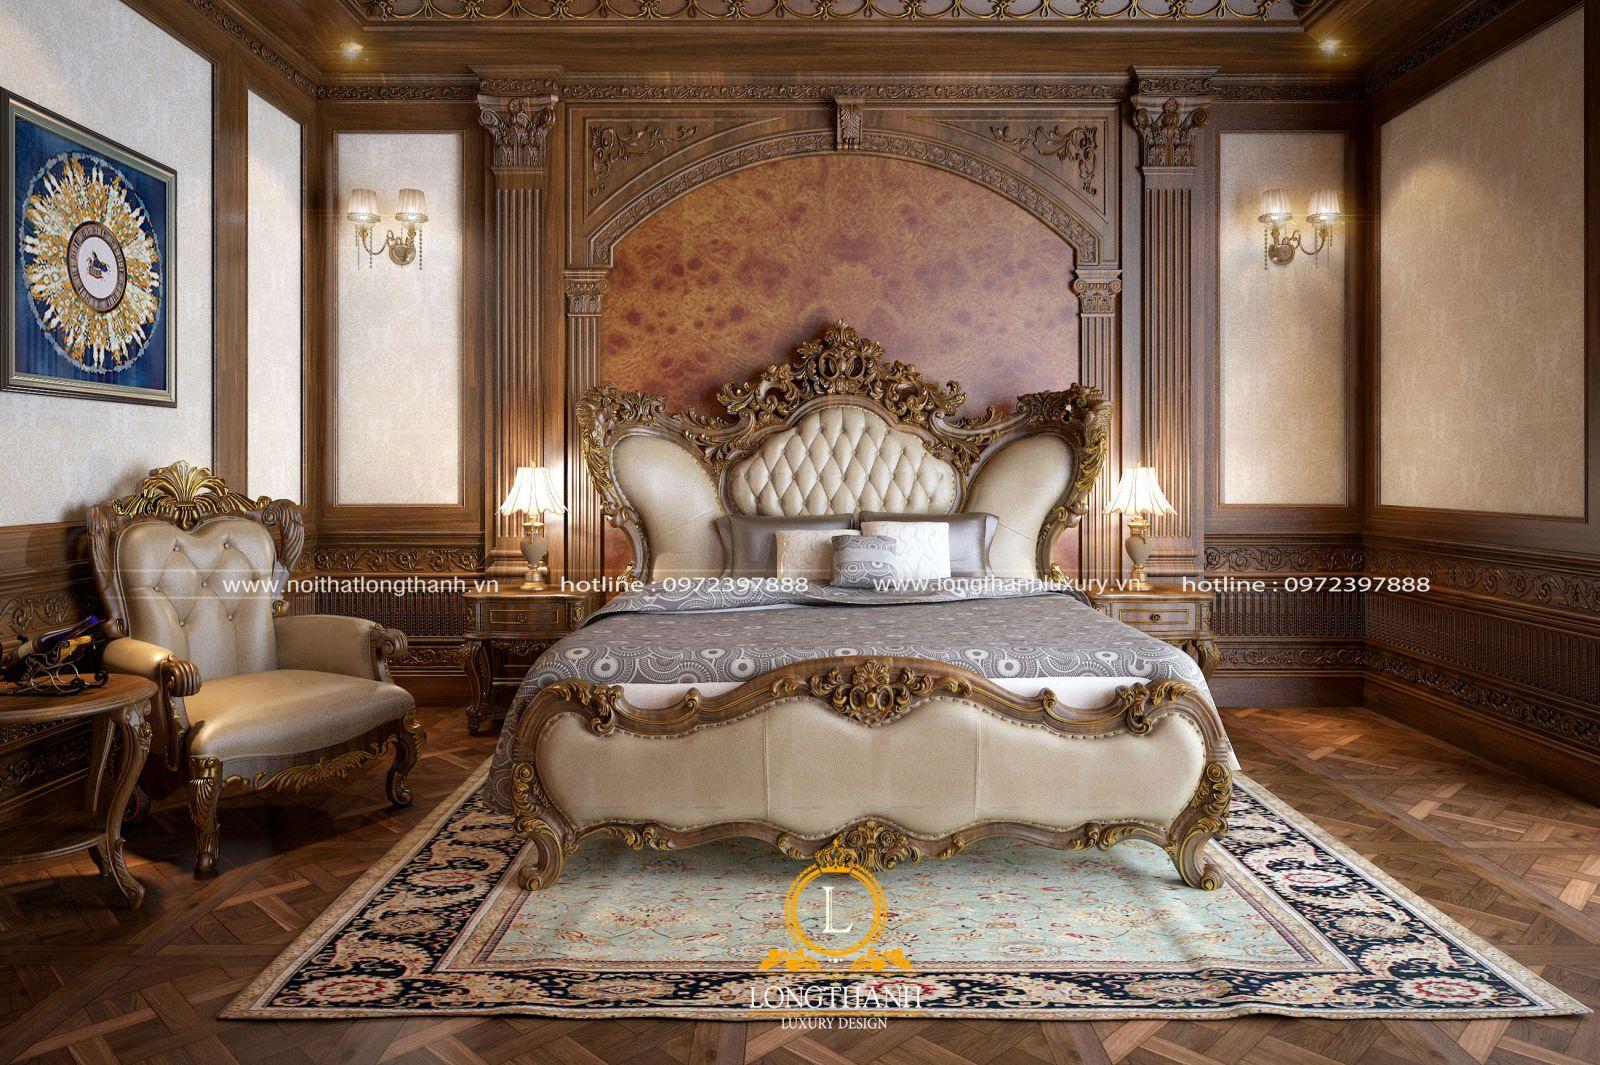 Nội thất phòng ngủ cổ điển gỗ tự nhiên ấm cúng